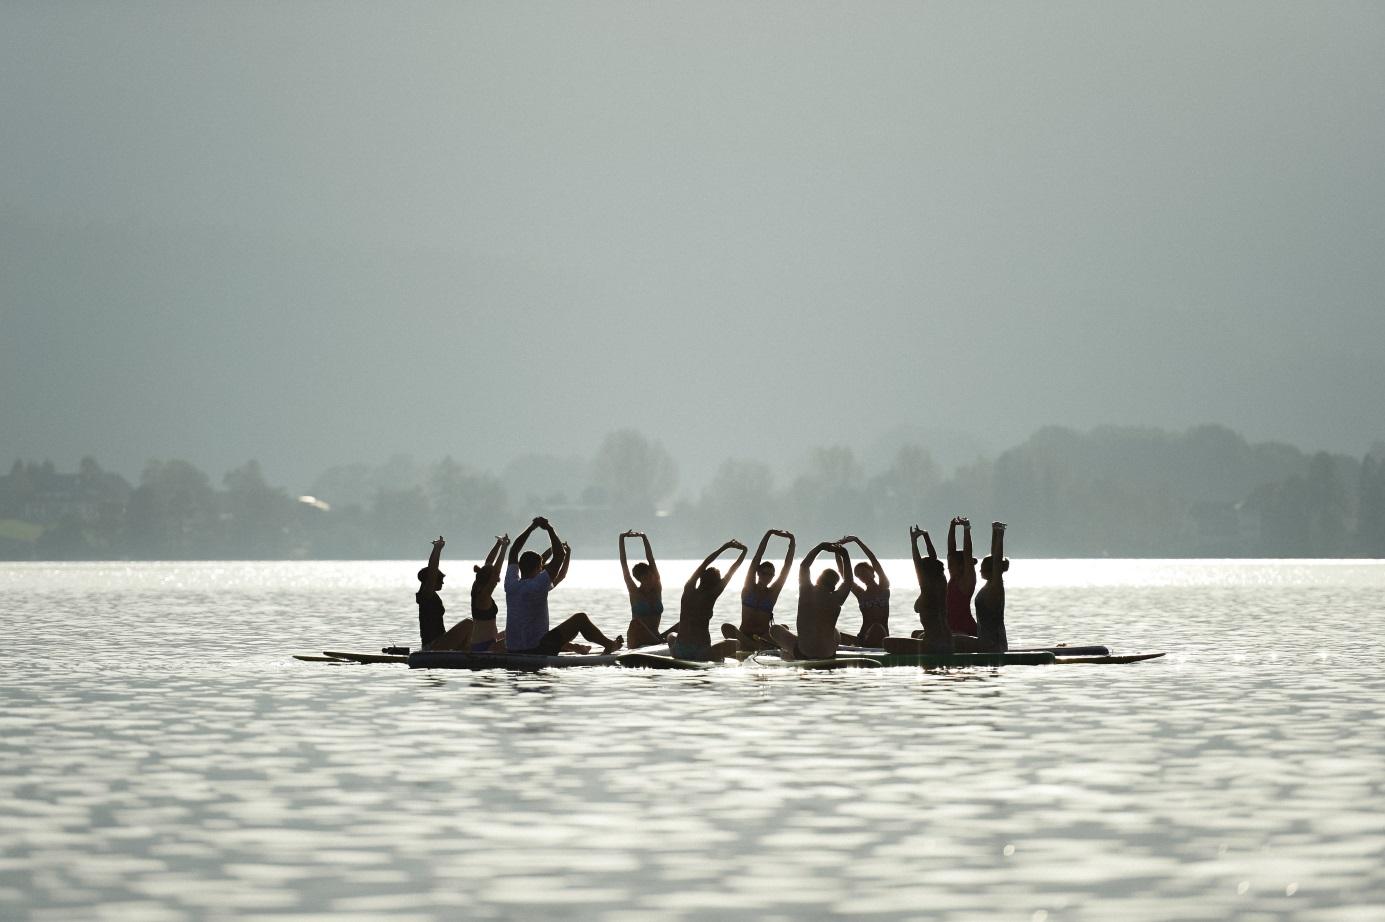 foto-sup-yoga-ausschreibung-1 SUP Yoga